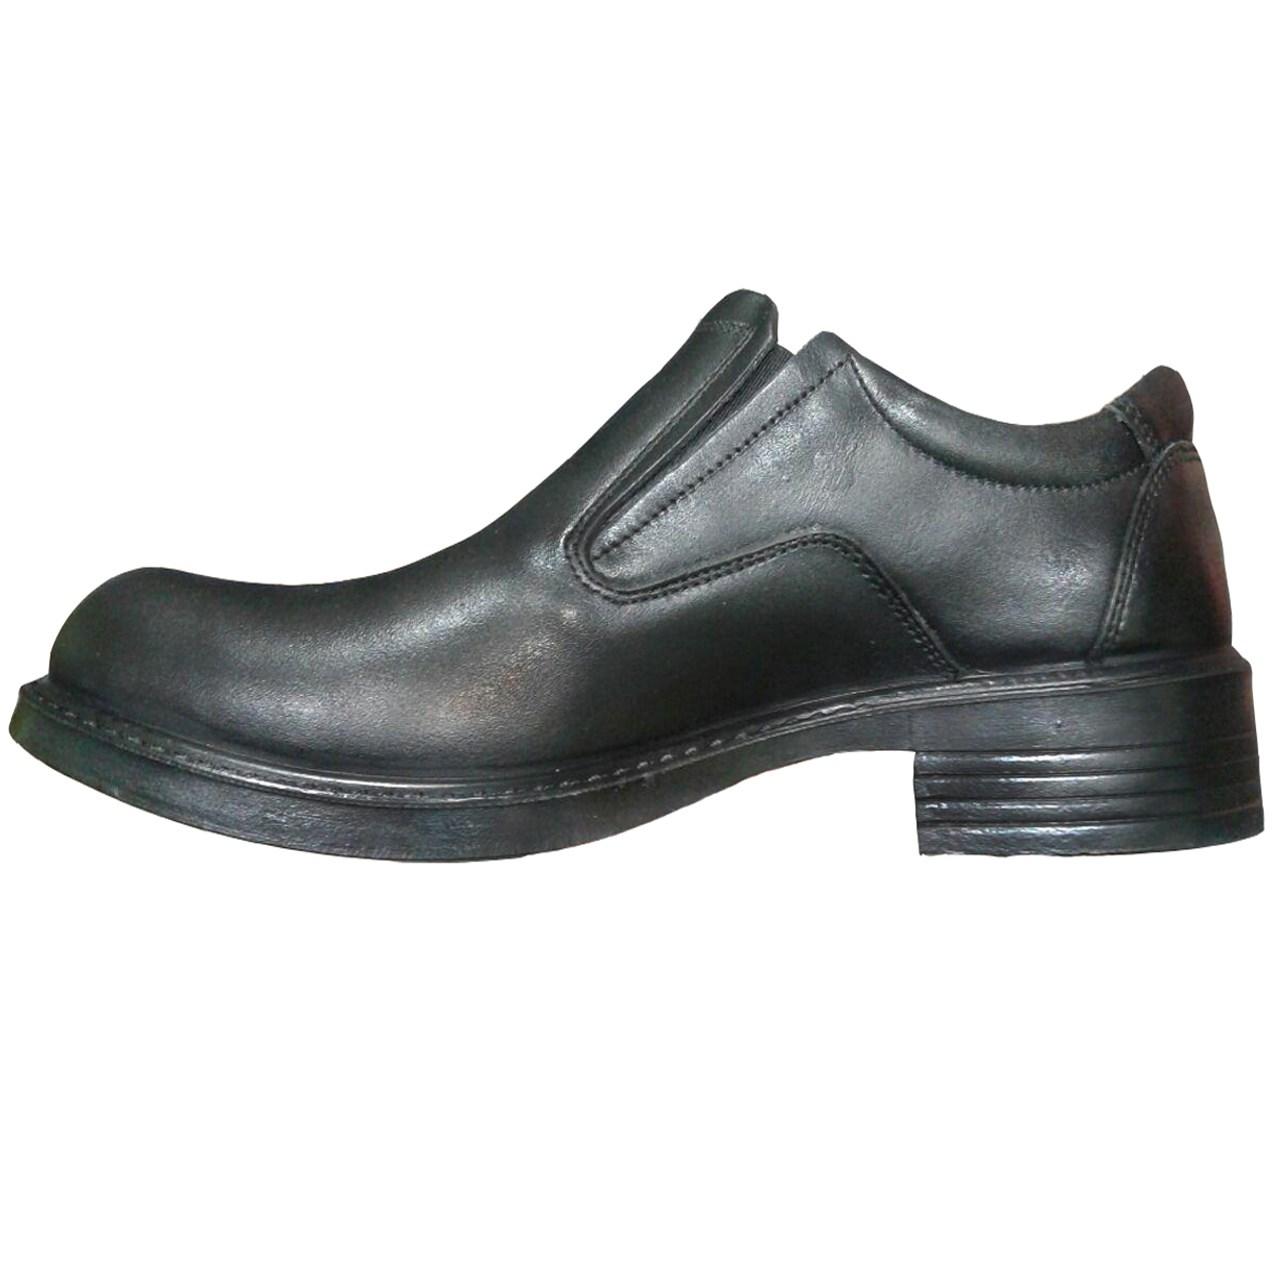 کفش مردانه فرزین مدل گریدر